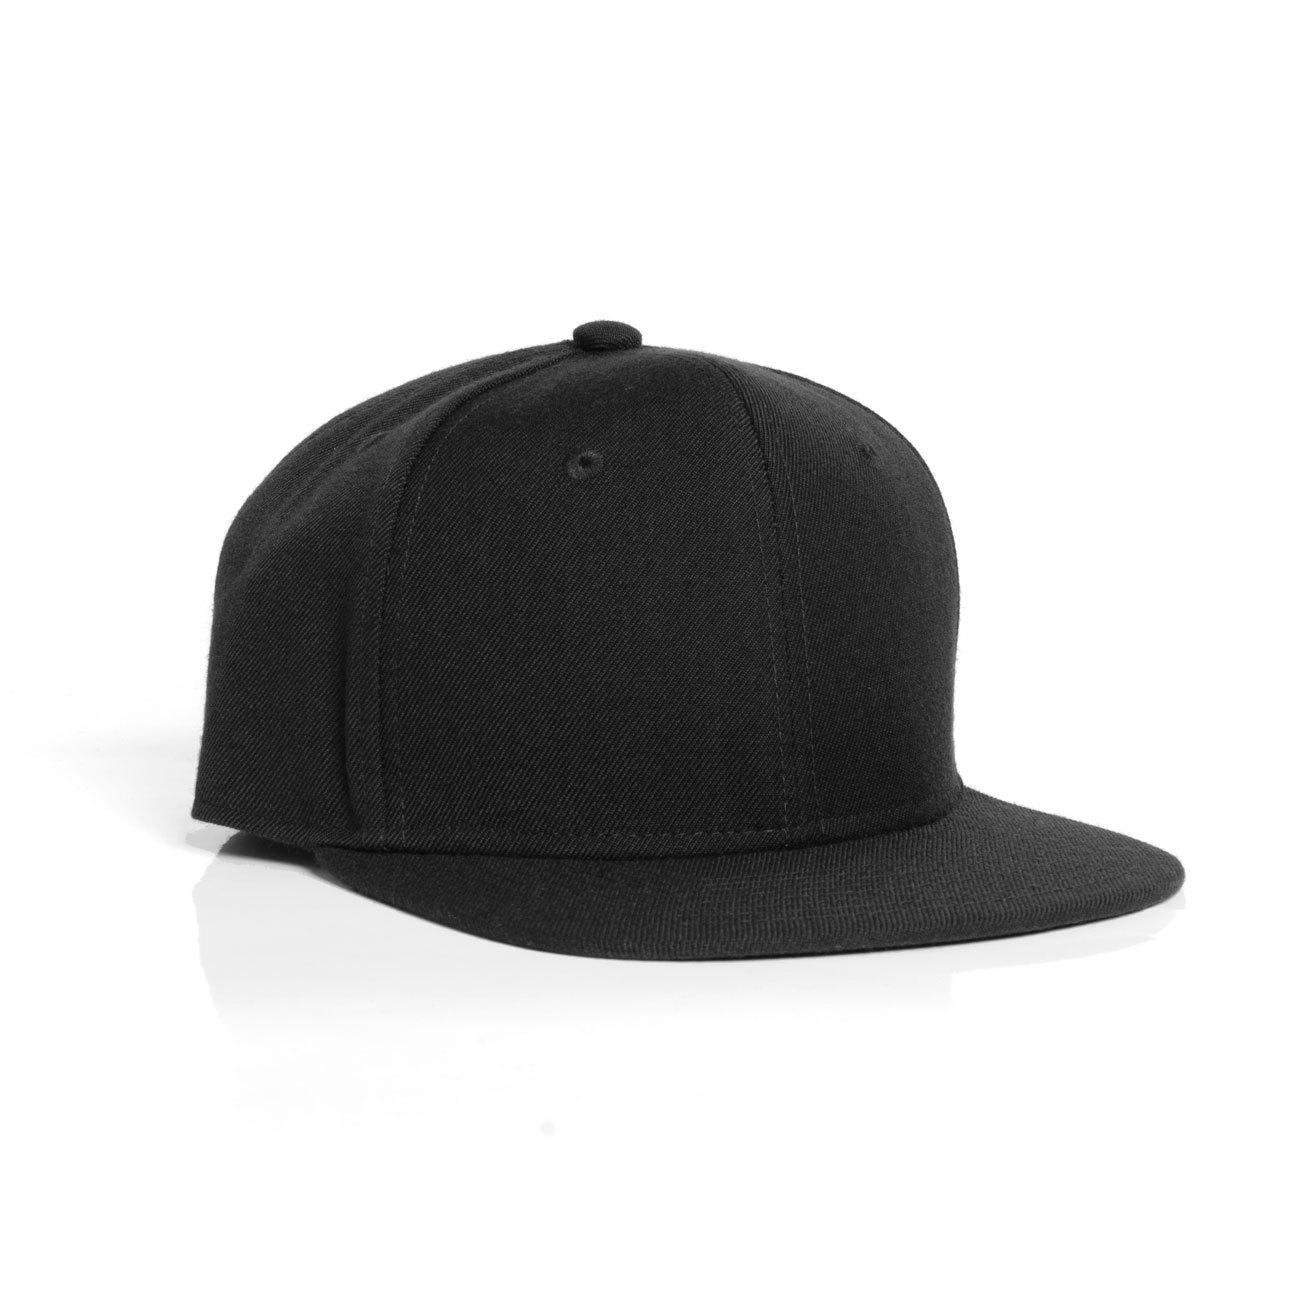 b9f28cefc46 TRIM SNAPBACK CAP - BLACK - Nublank Caps